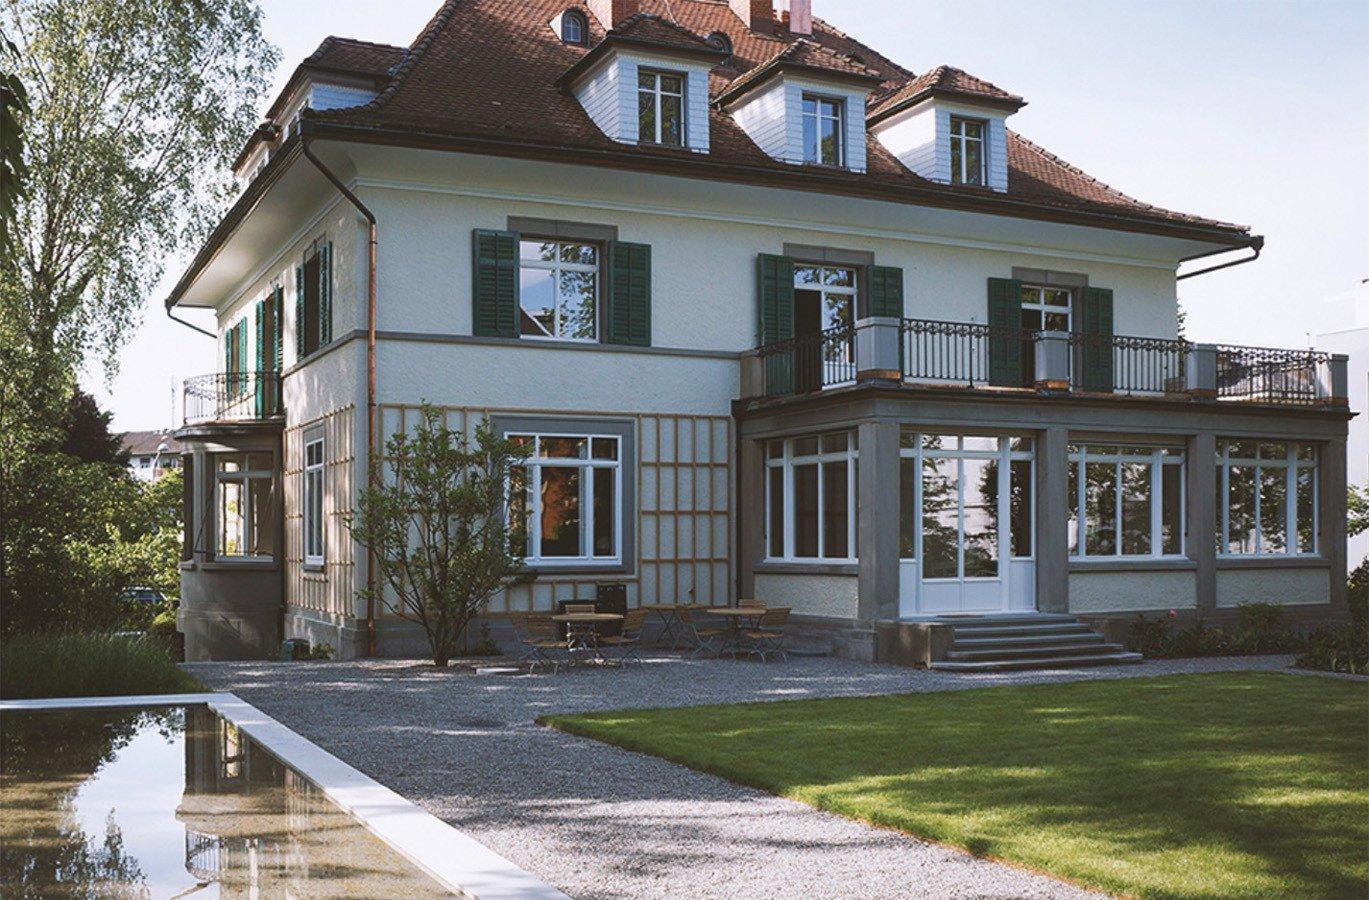 Signau Hause Zurich